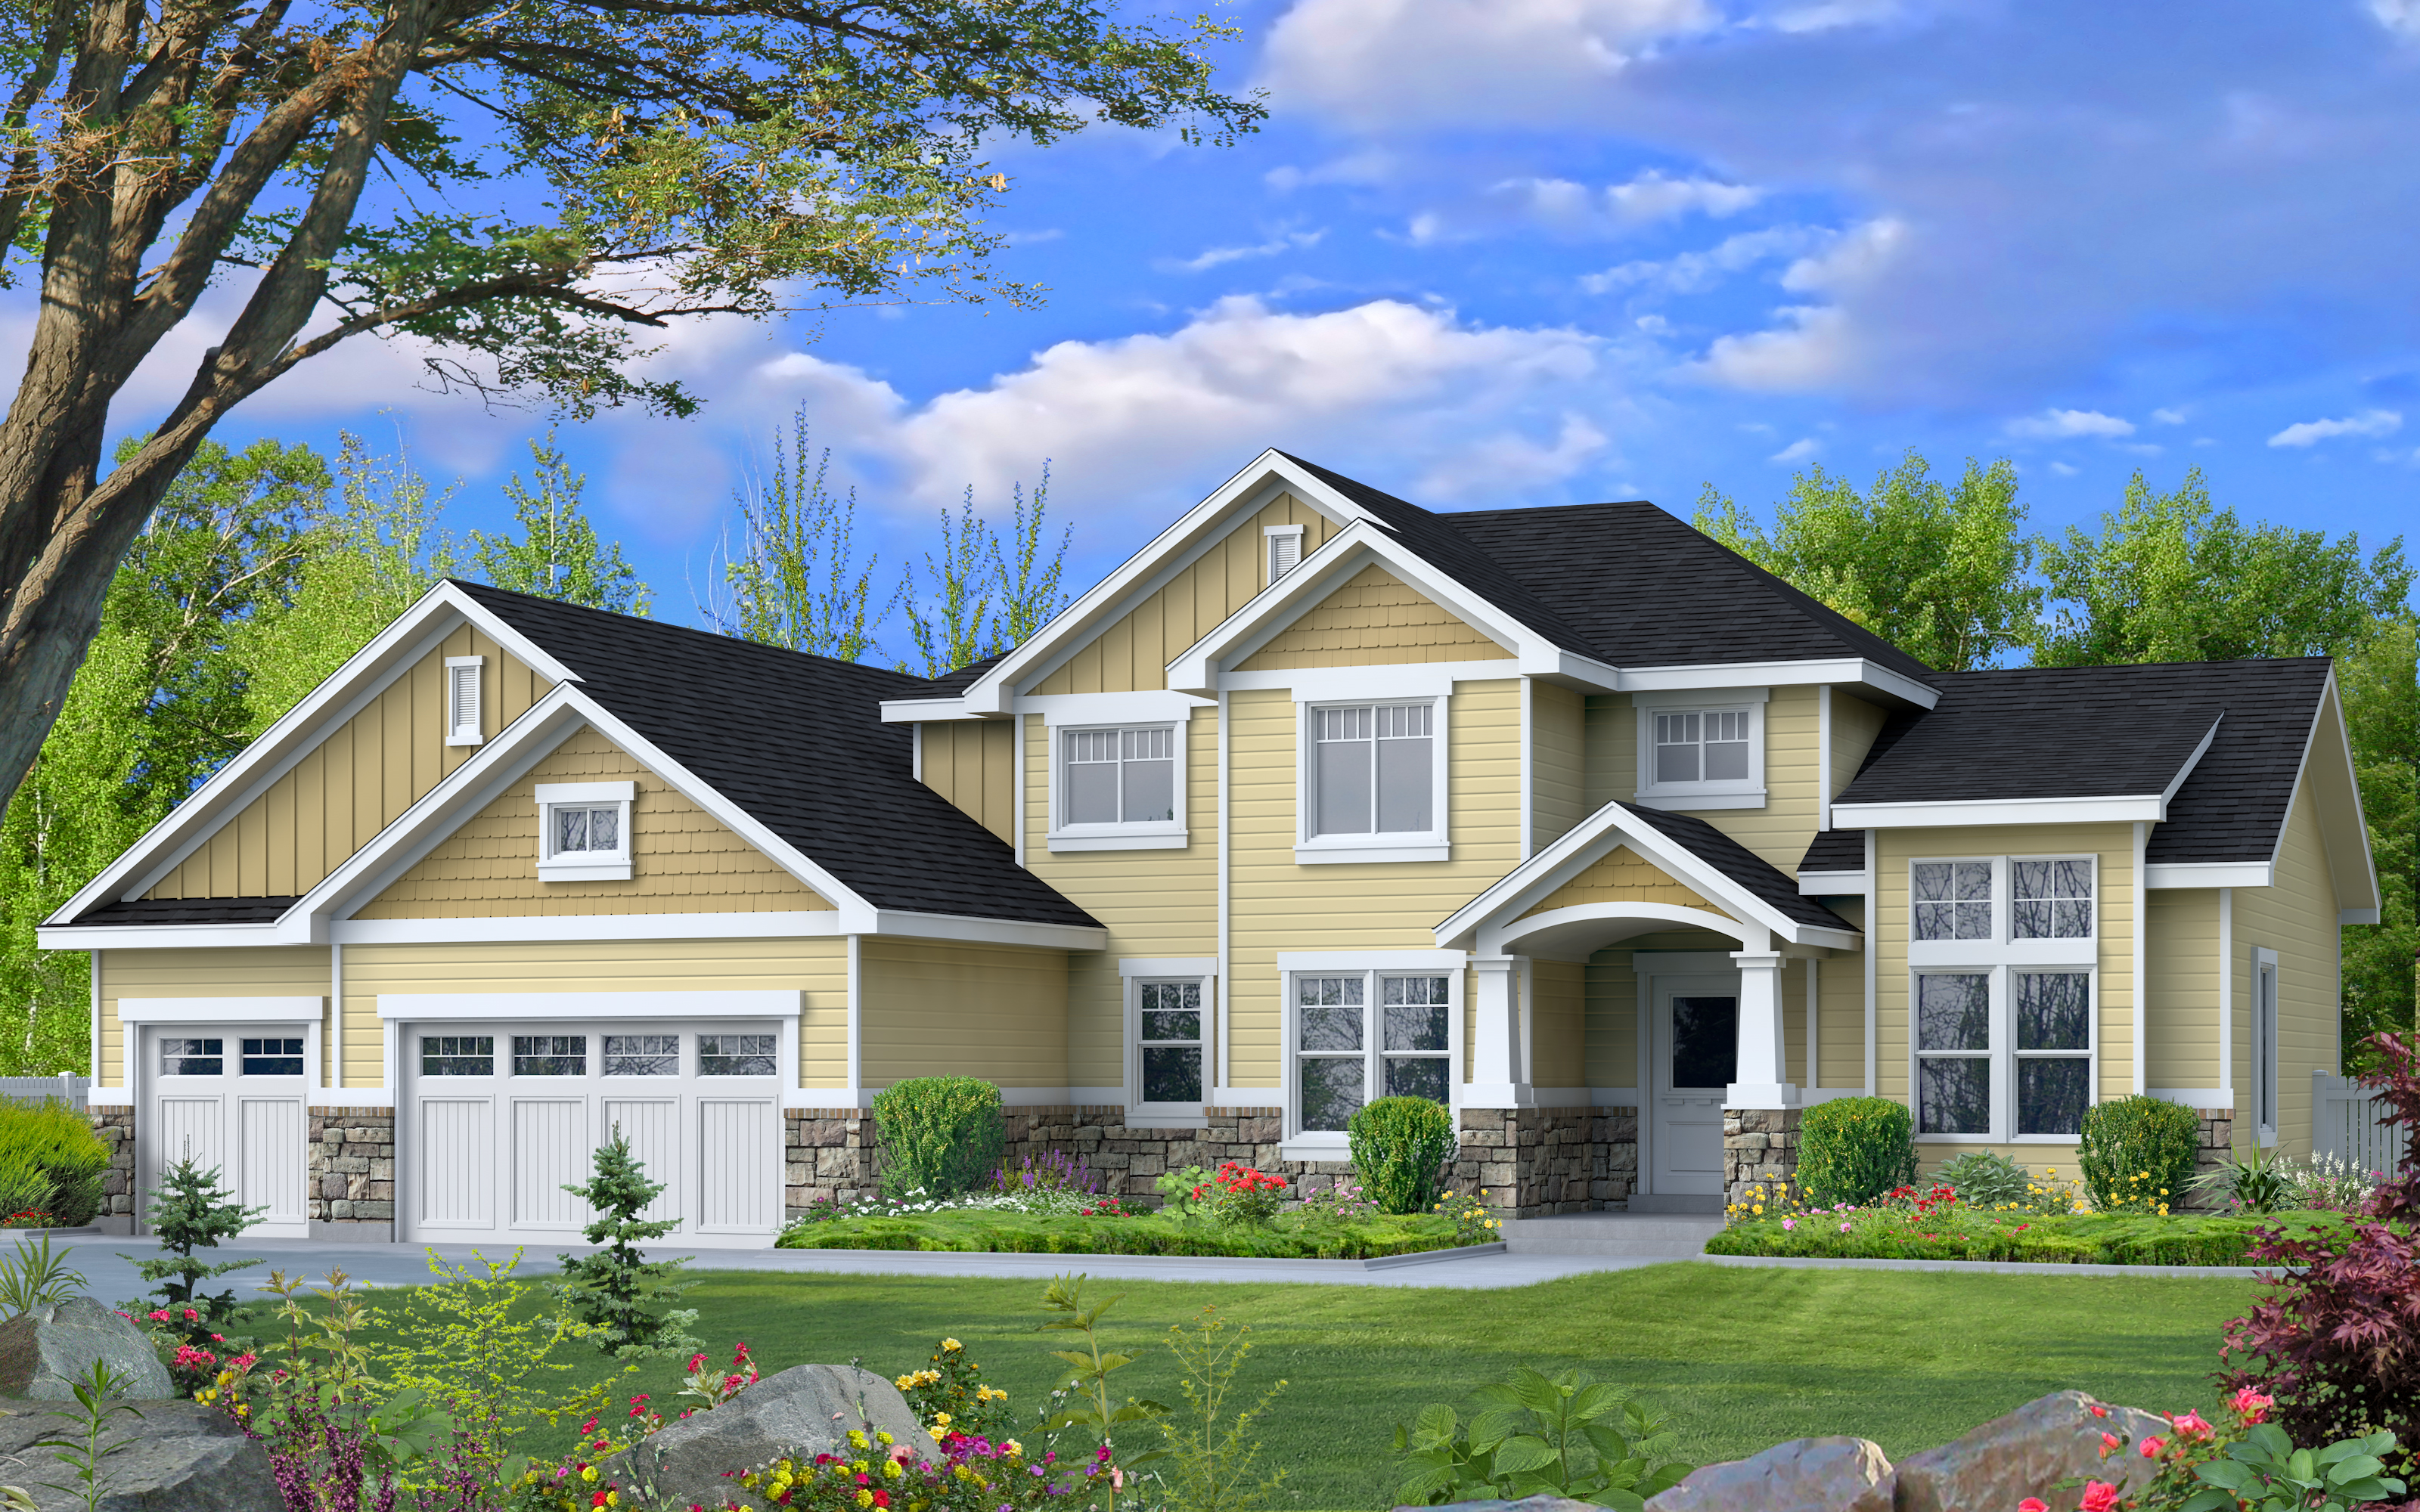 Spruce floor plan custom designed by Perry Homes Utah.